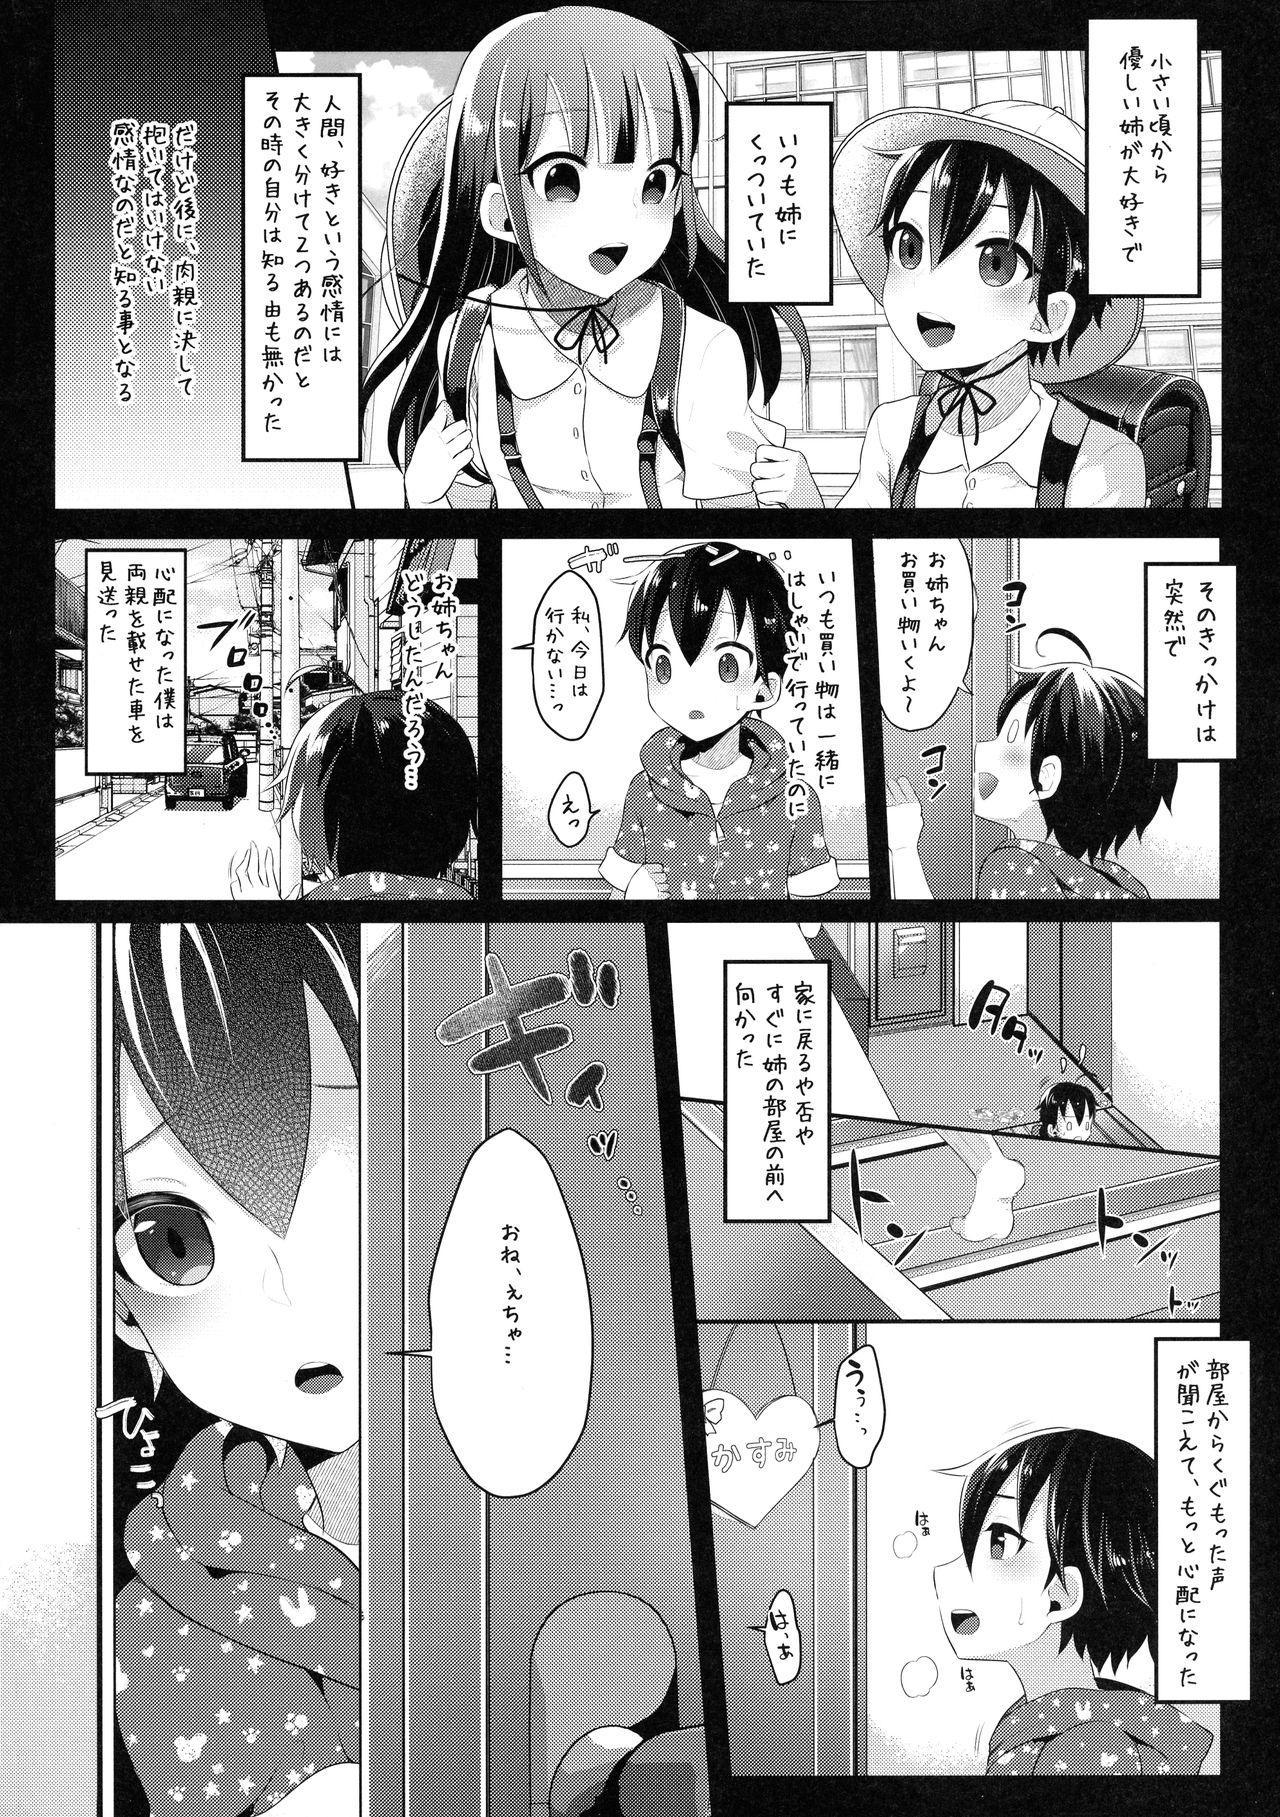 Futanari Nebosuke no Asa no Seikatsudo 2 5